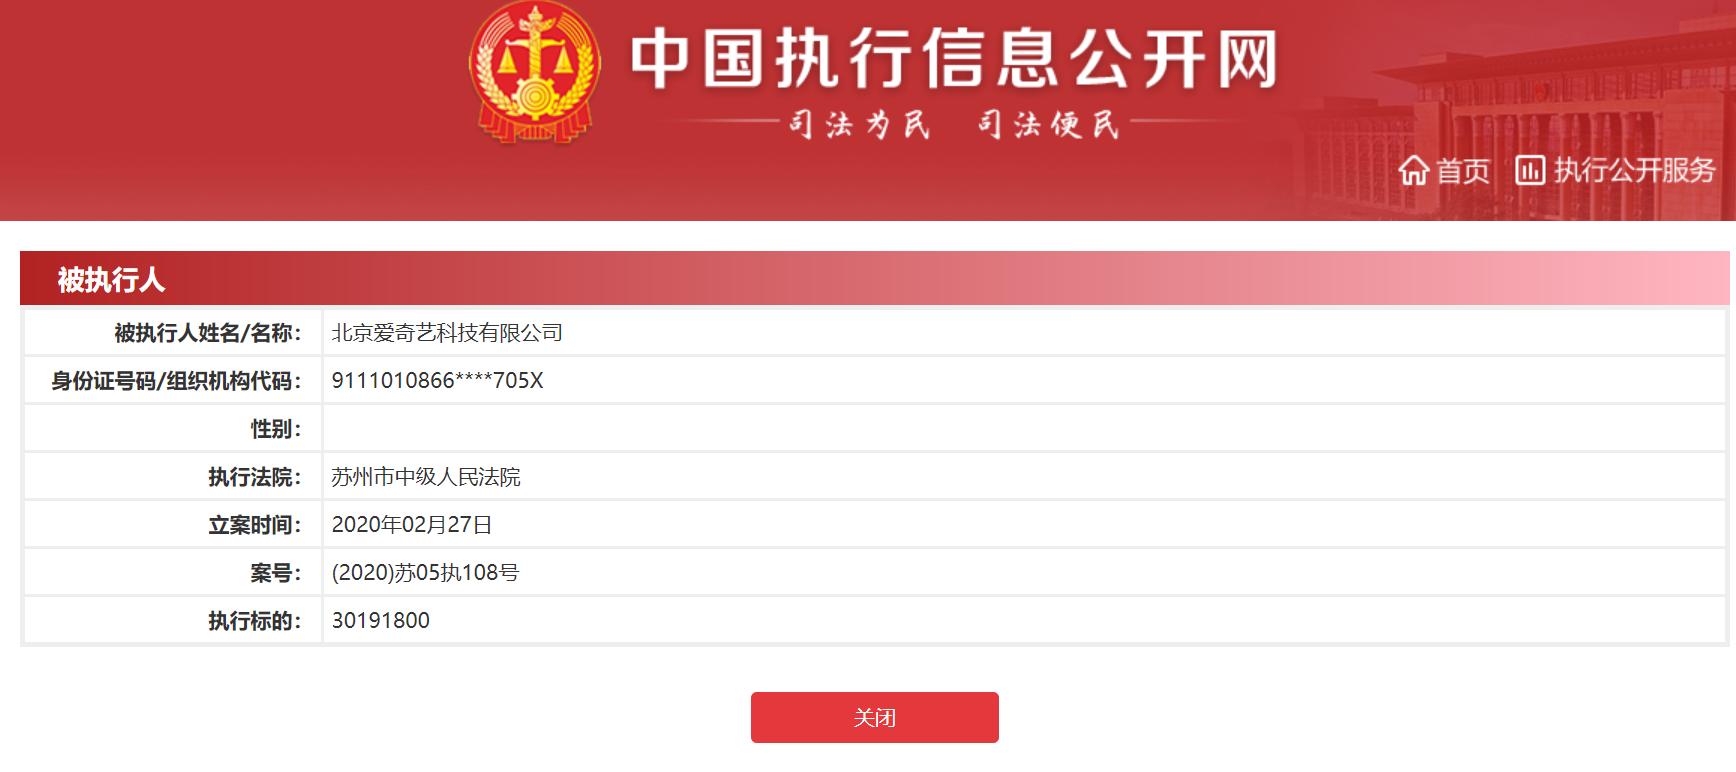 爱奇艺被苏州中院列为被执行人 执行标的近3020万